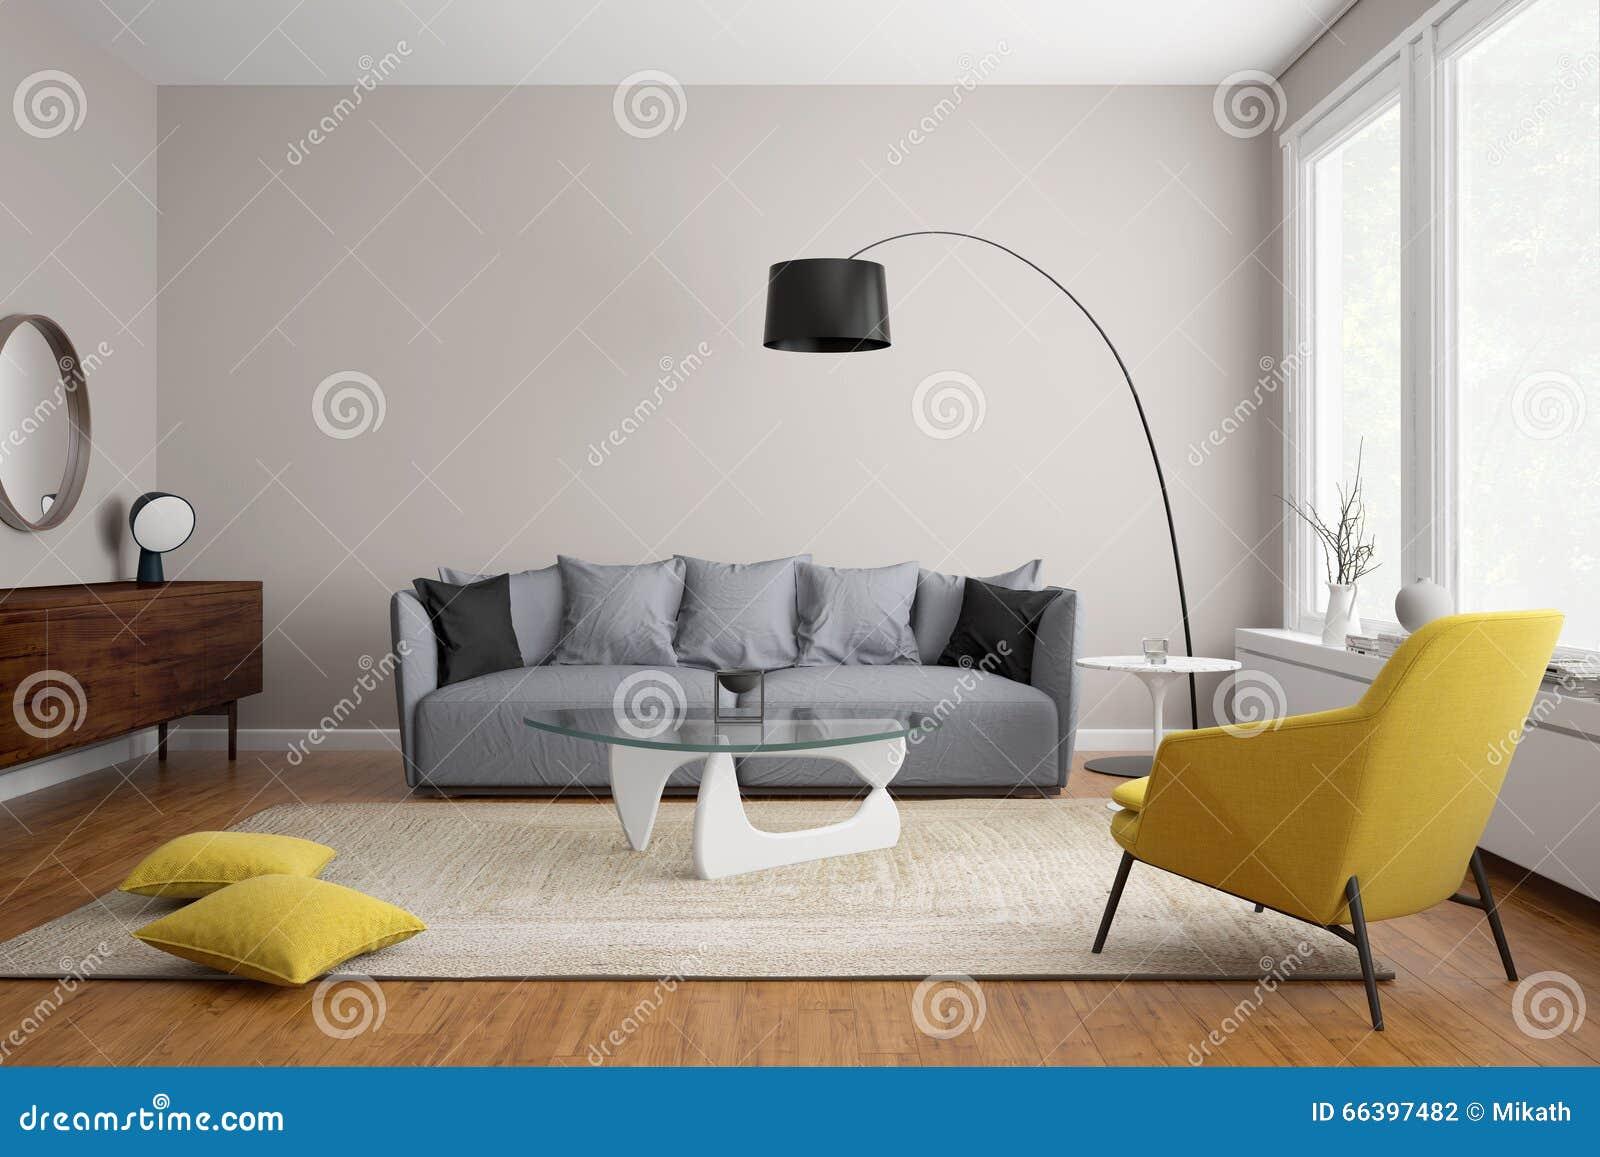 modernes skandinavisches wohnzimmer mit grauem sofa stock, Wohnzimmer dekoo